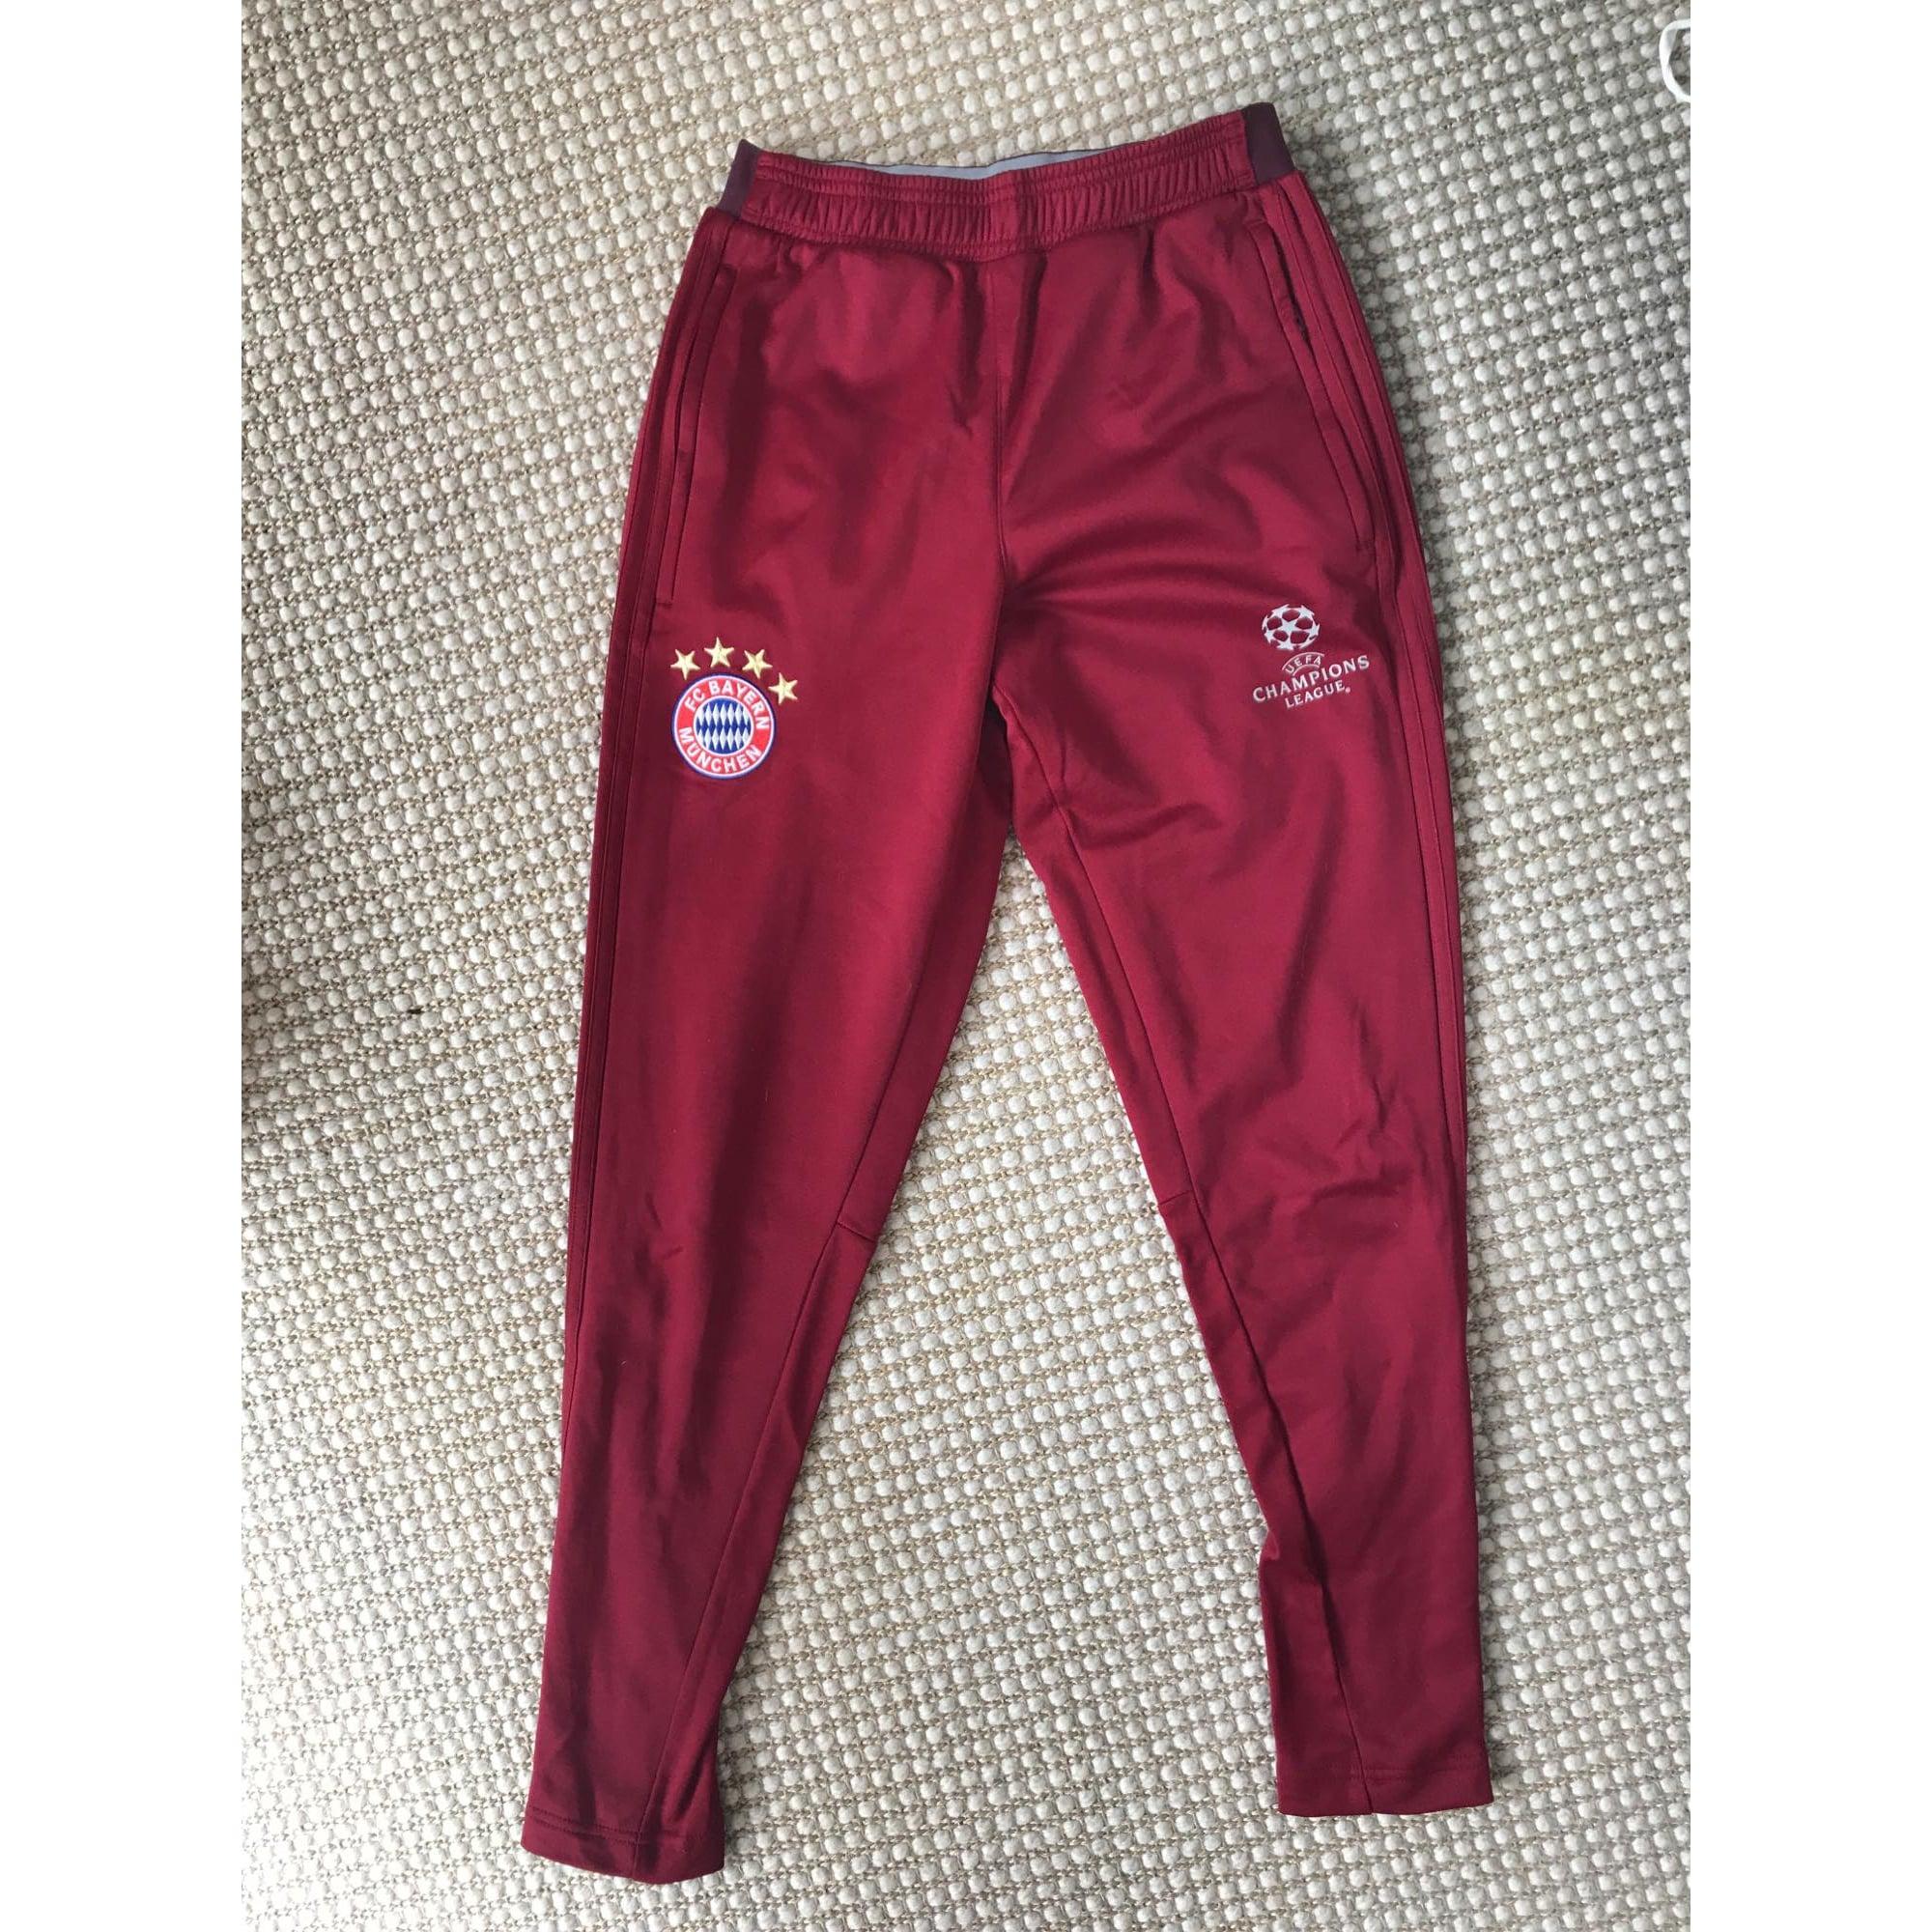 ae39bdc98f010 Pantalon de survêtement ADIDAS 15-16 ans rouge - 7717307